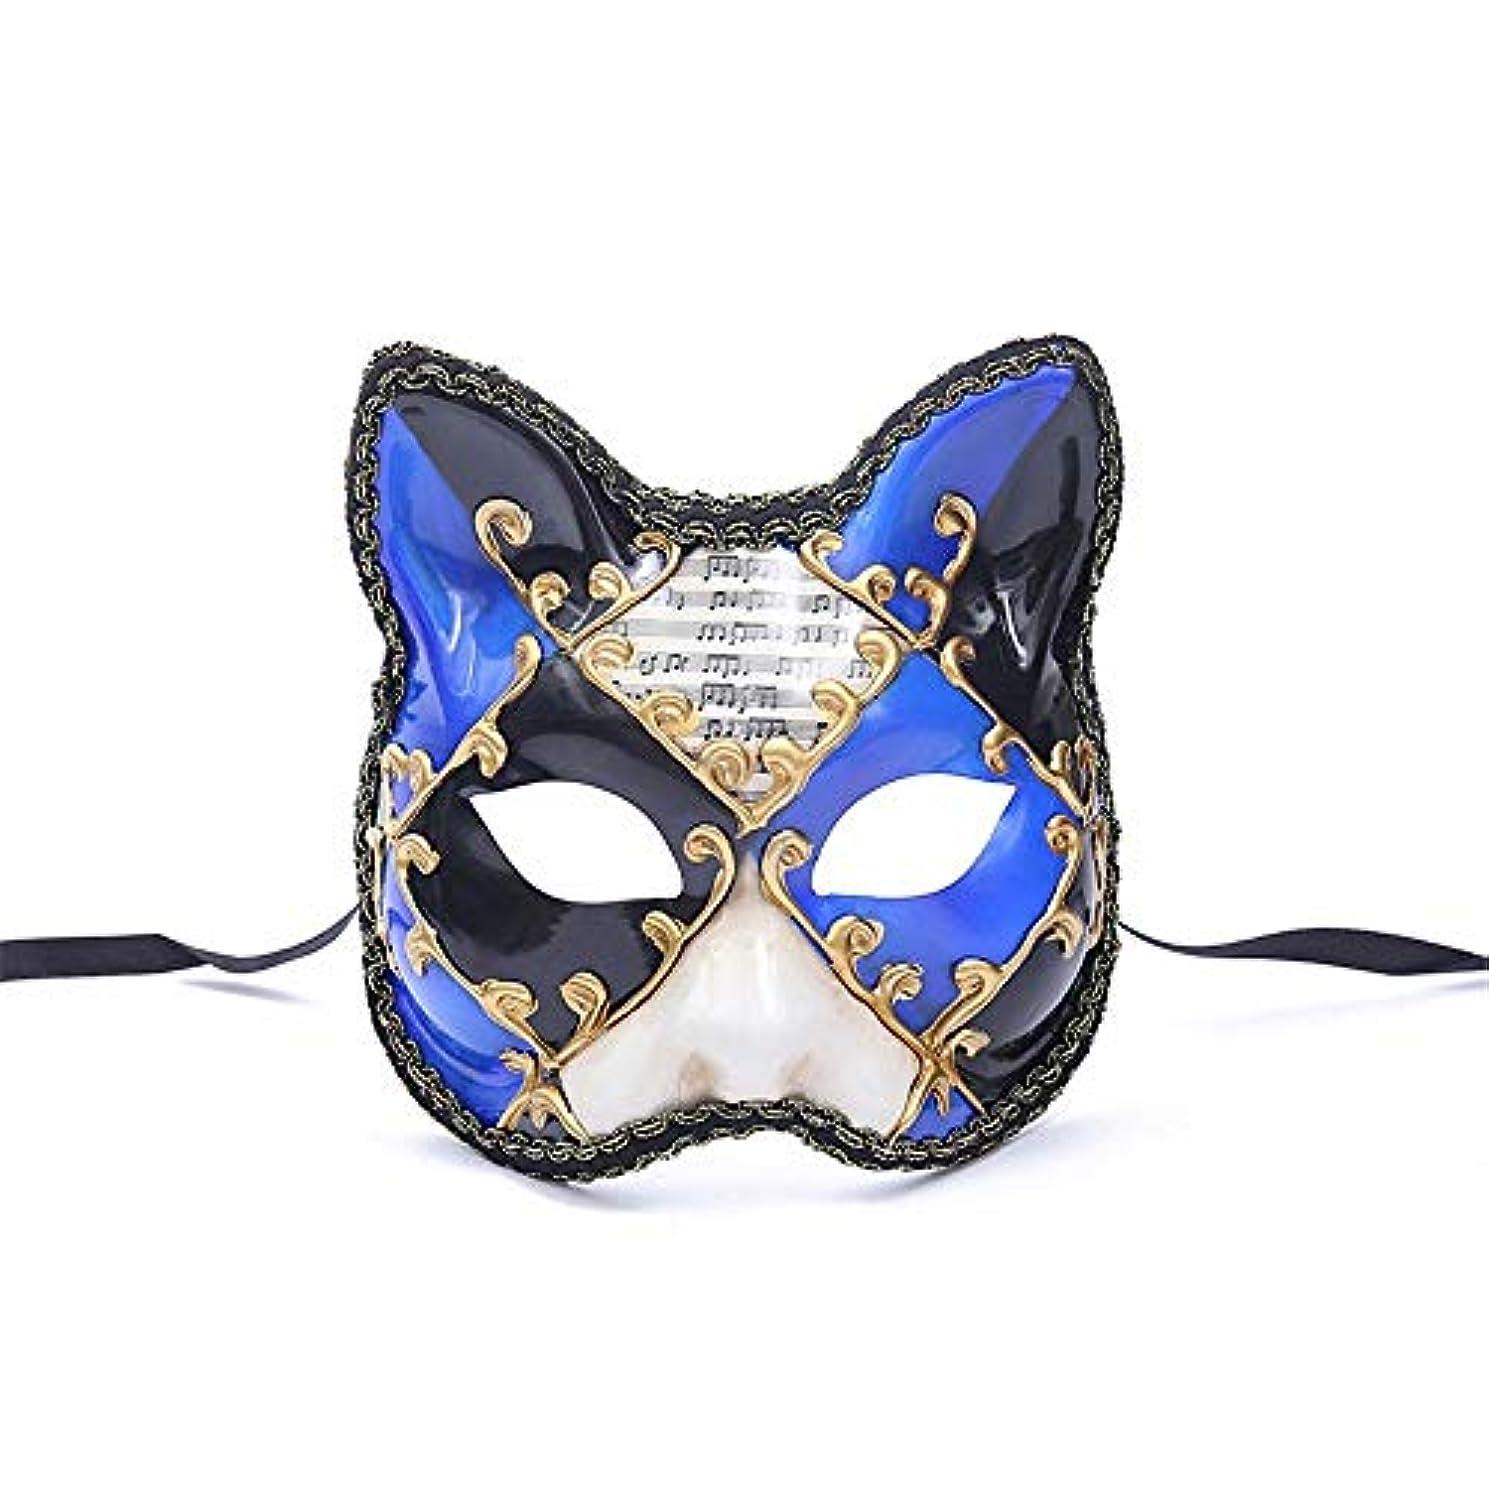 狂気ウイルスけん引ダンスマスク 大きな猫アンティーク動物レトロコスプレハロウィーン仮装マスクナイトクラブマスク雰囲気フェスティバルマスク ホリデーパーティー用品 (色 : 青, サイズ : 17.5x16cm)